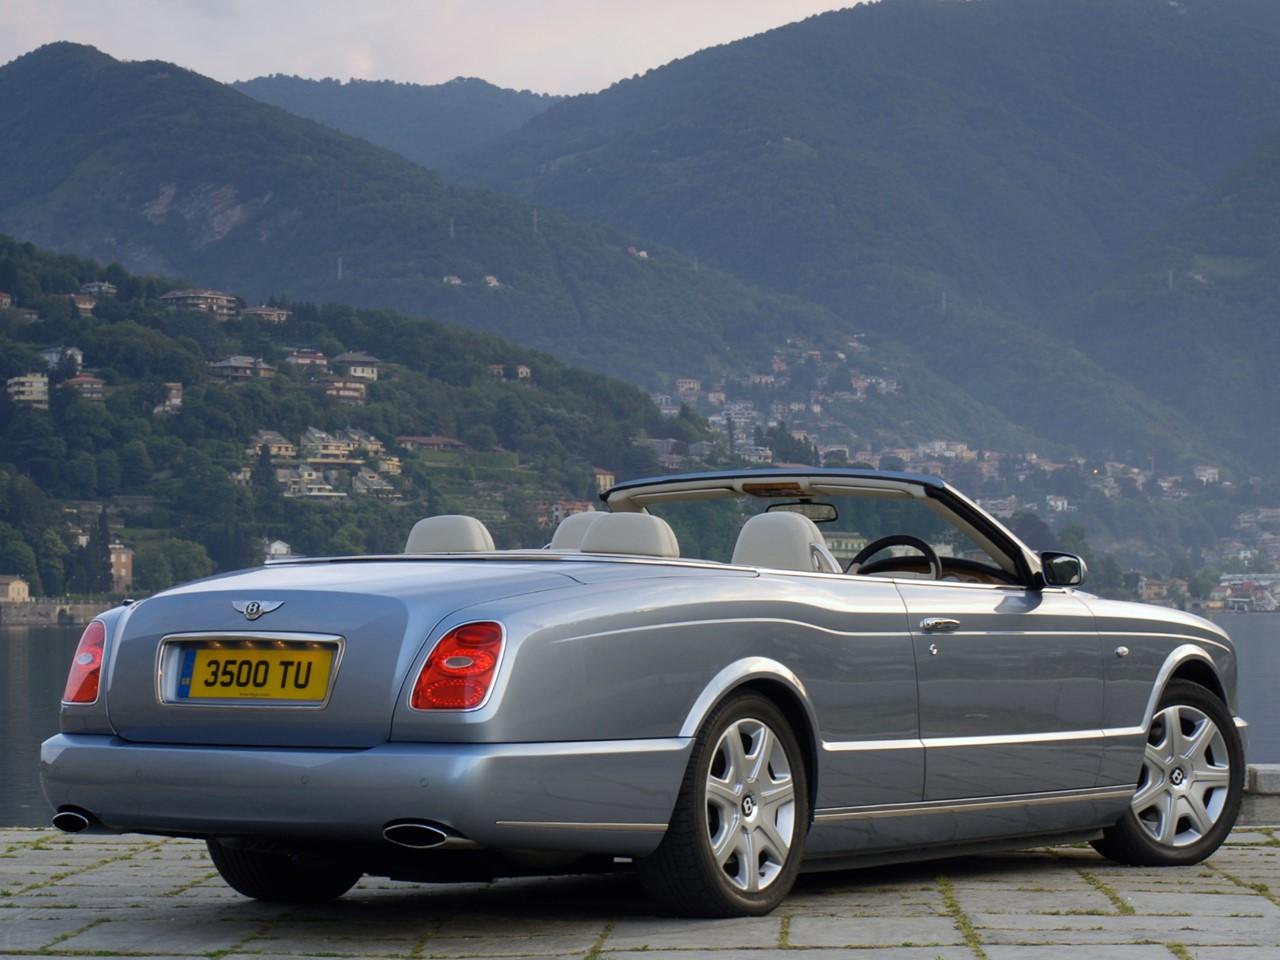 Bentley Convertible 28 Images 2014 Bentley